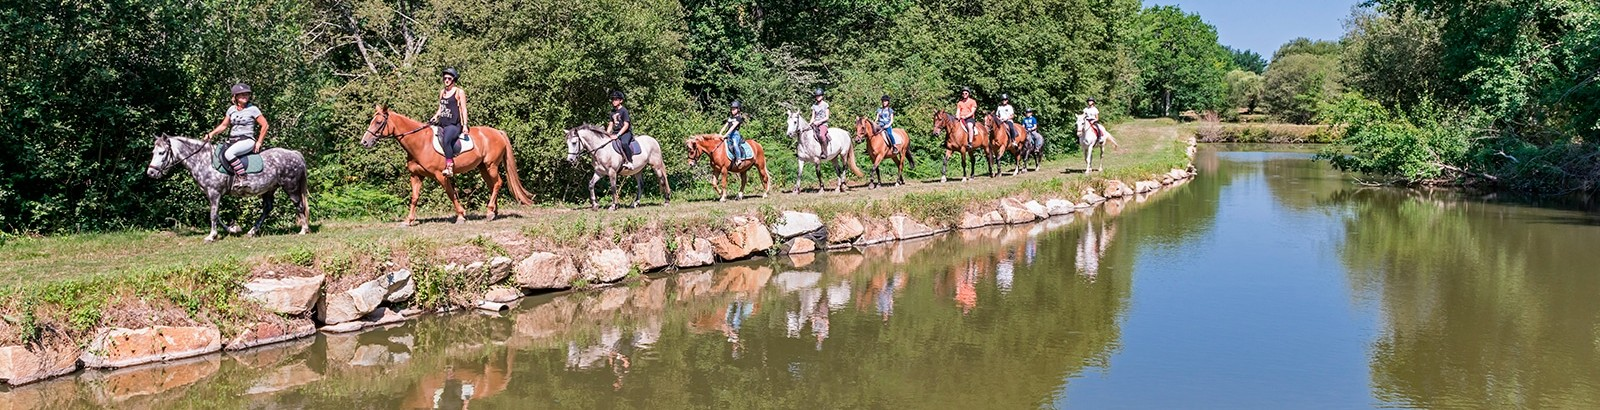 La passion de l'équitation au Centre équestre Mané Guernehué